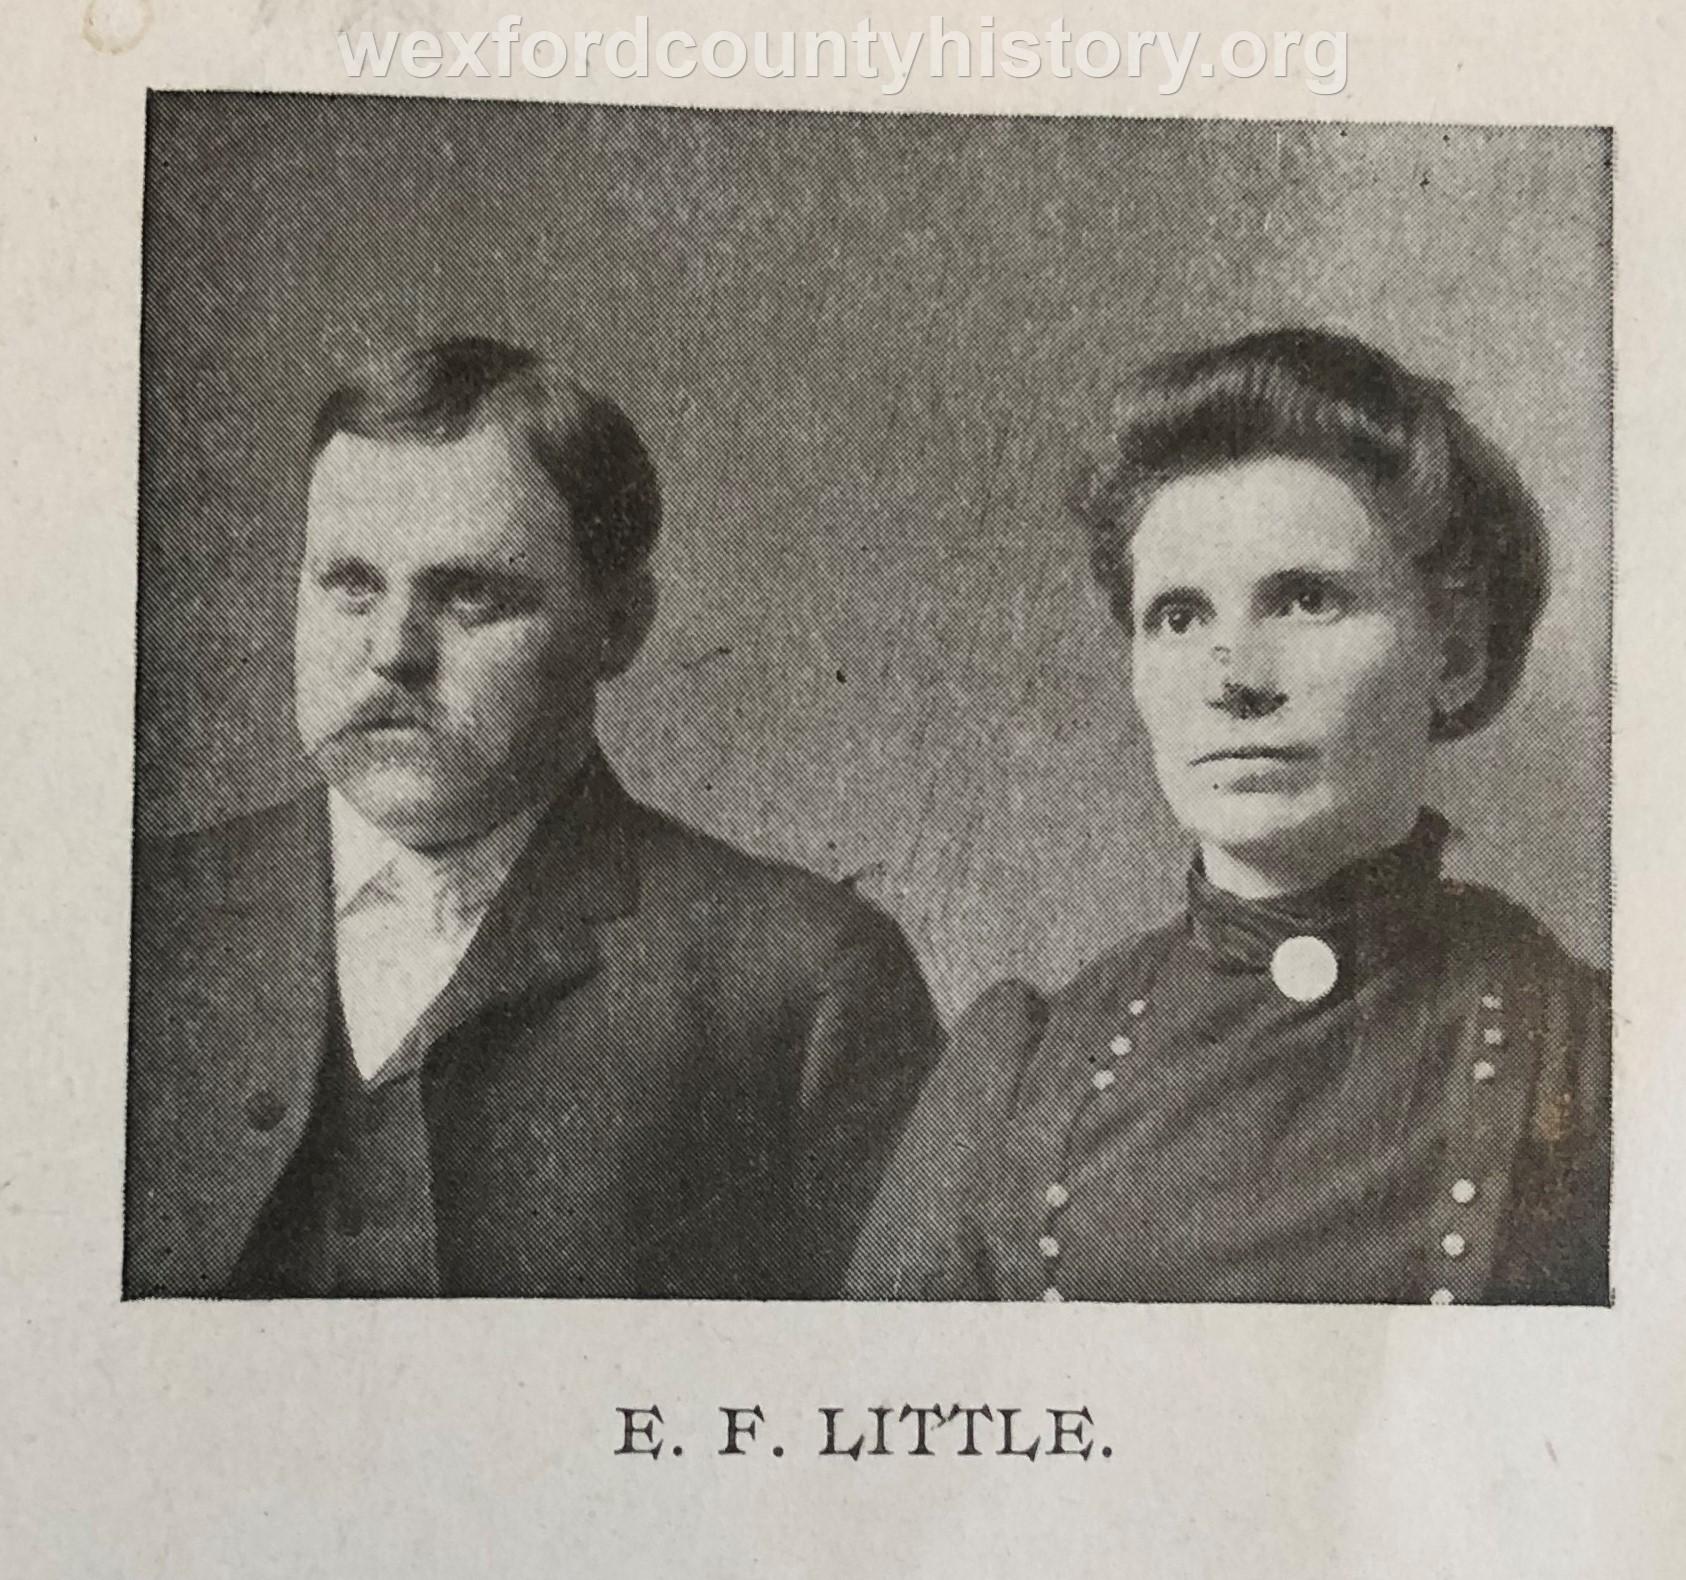 E. F. Little